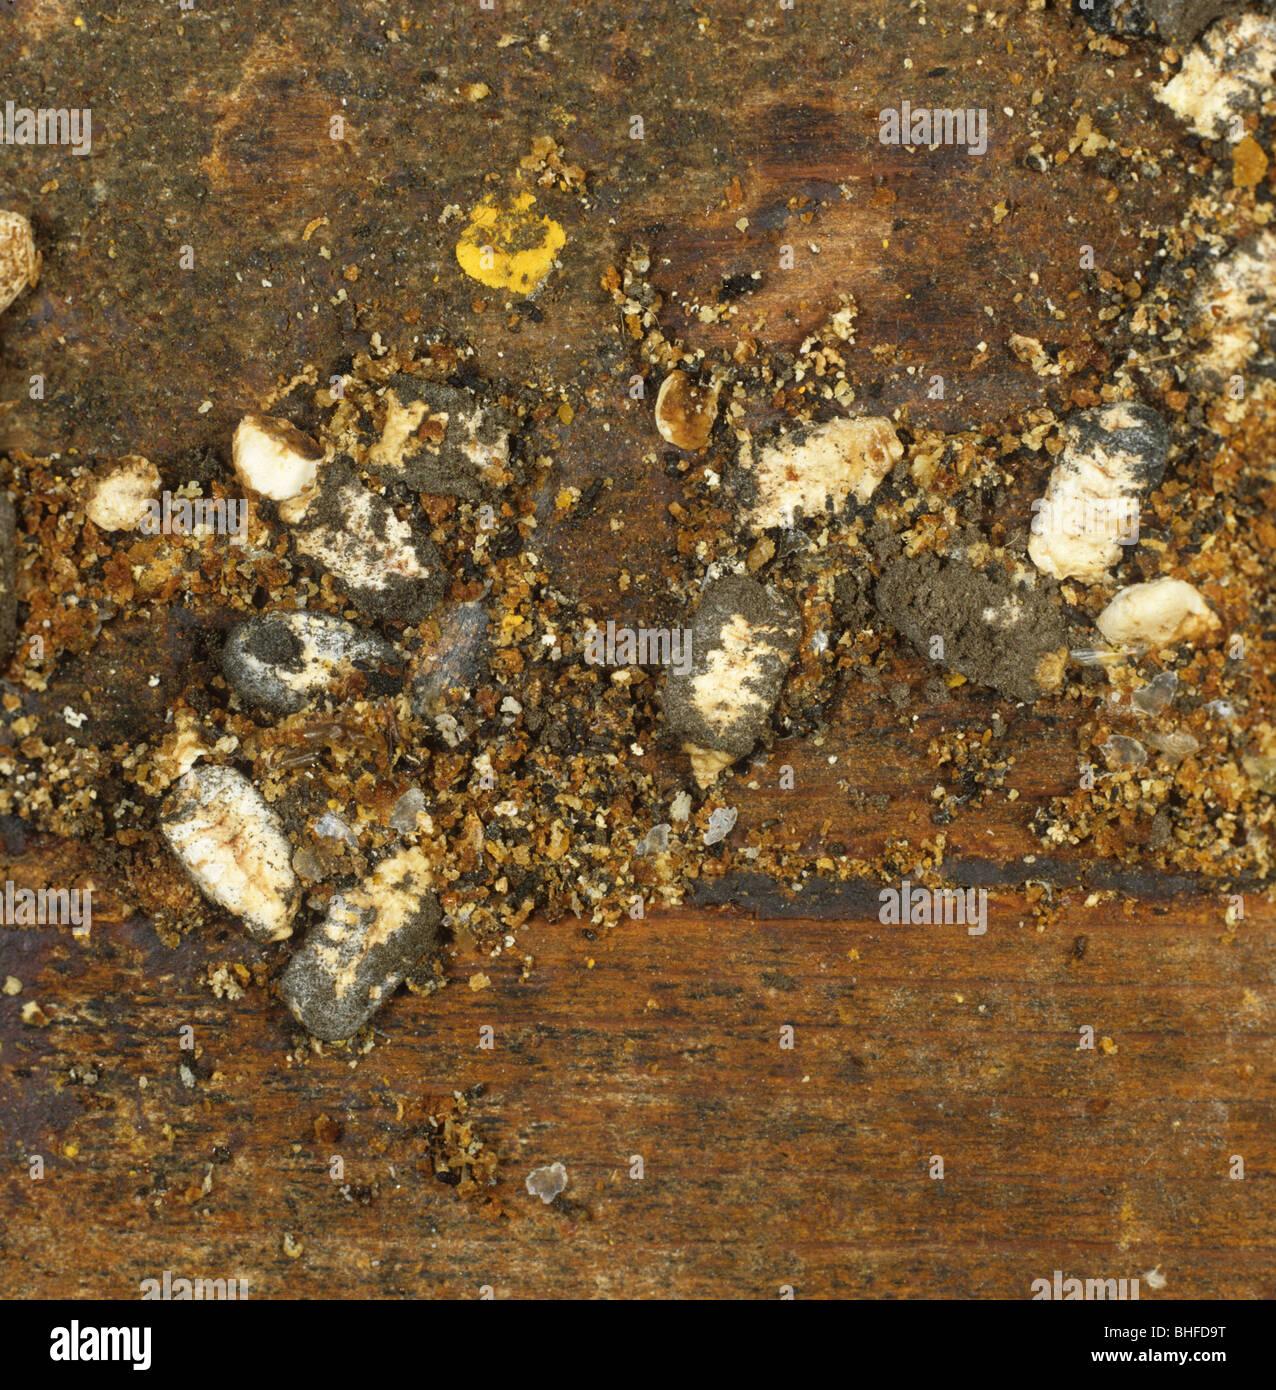 Couvain craie momies et les larves de la cire entre les débris de la ruche miel Photo Stock